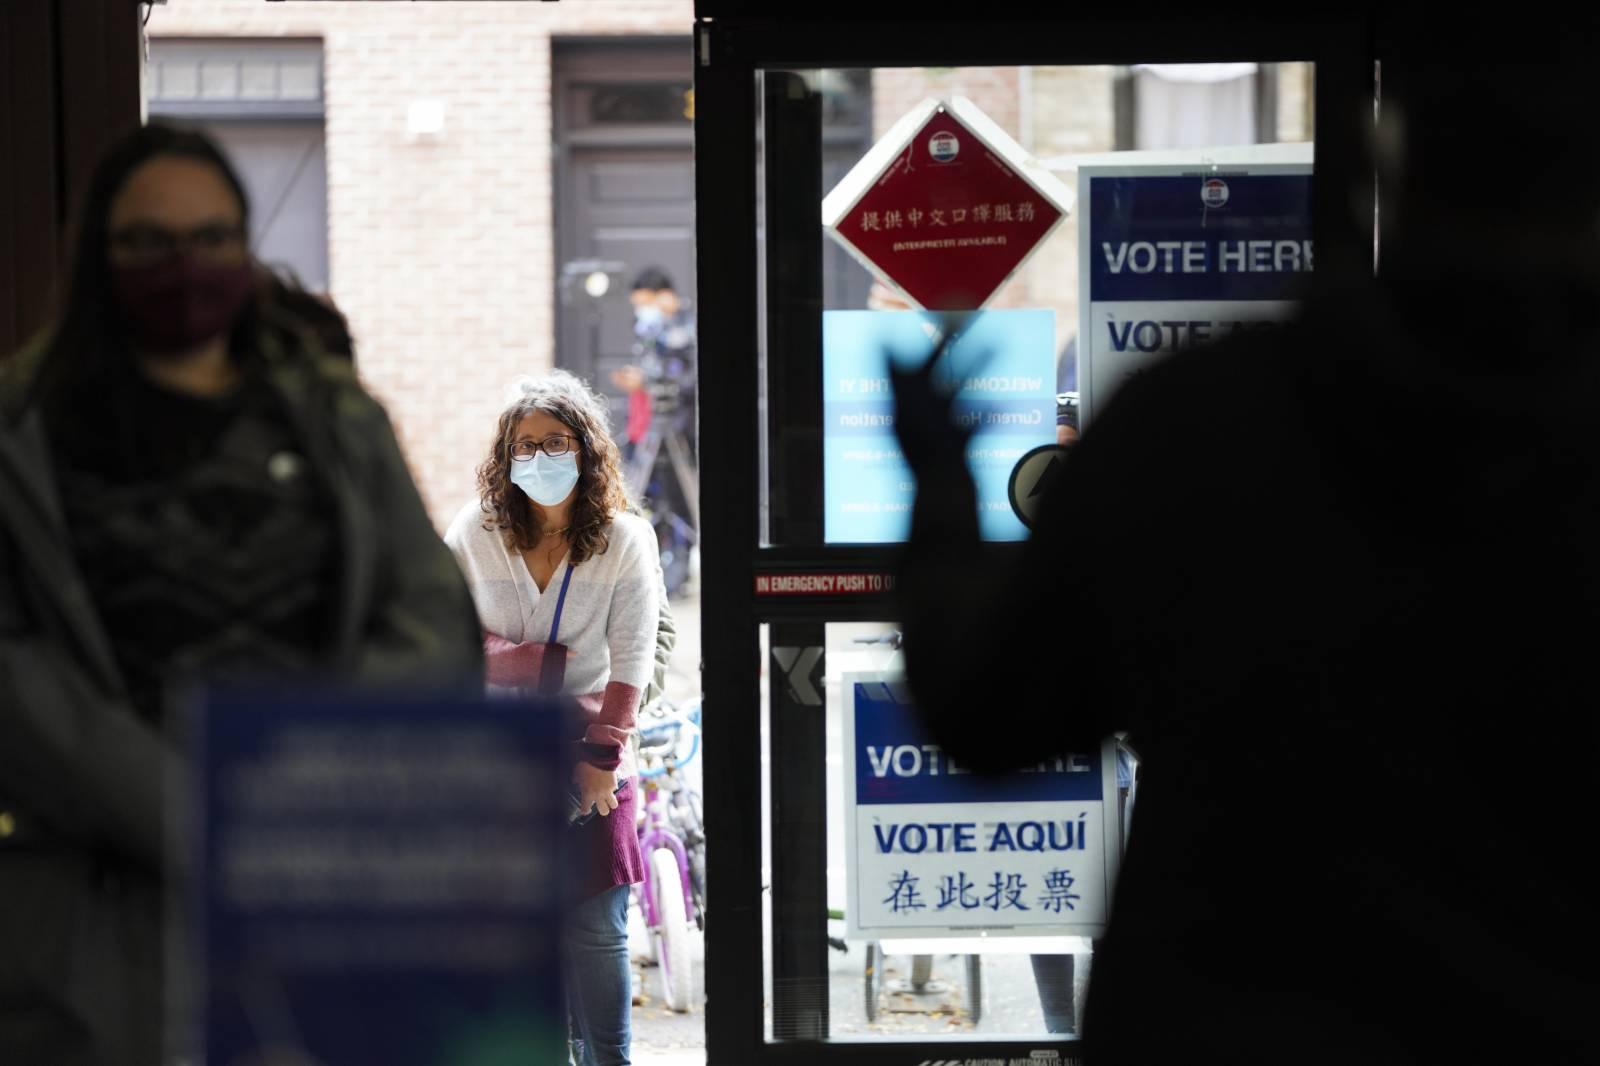 10月27日,一名選民在美國紐約的一處投票點參加提前投票。